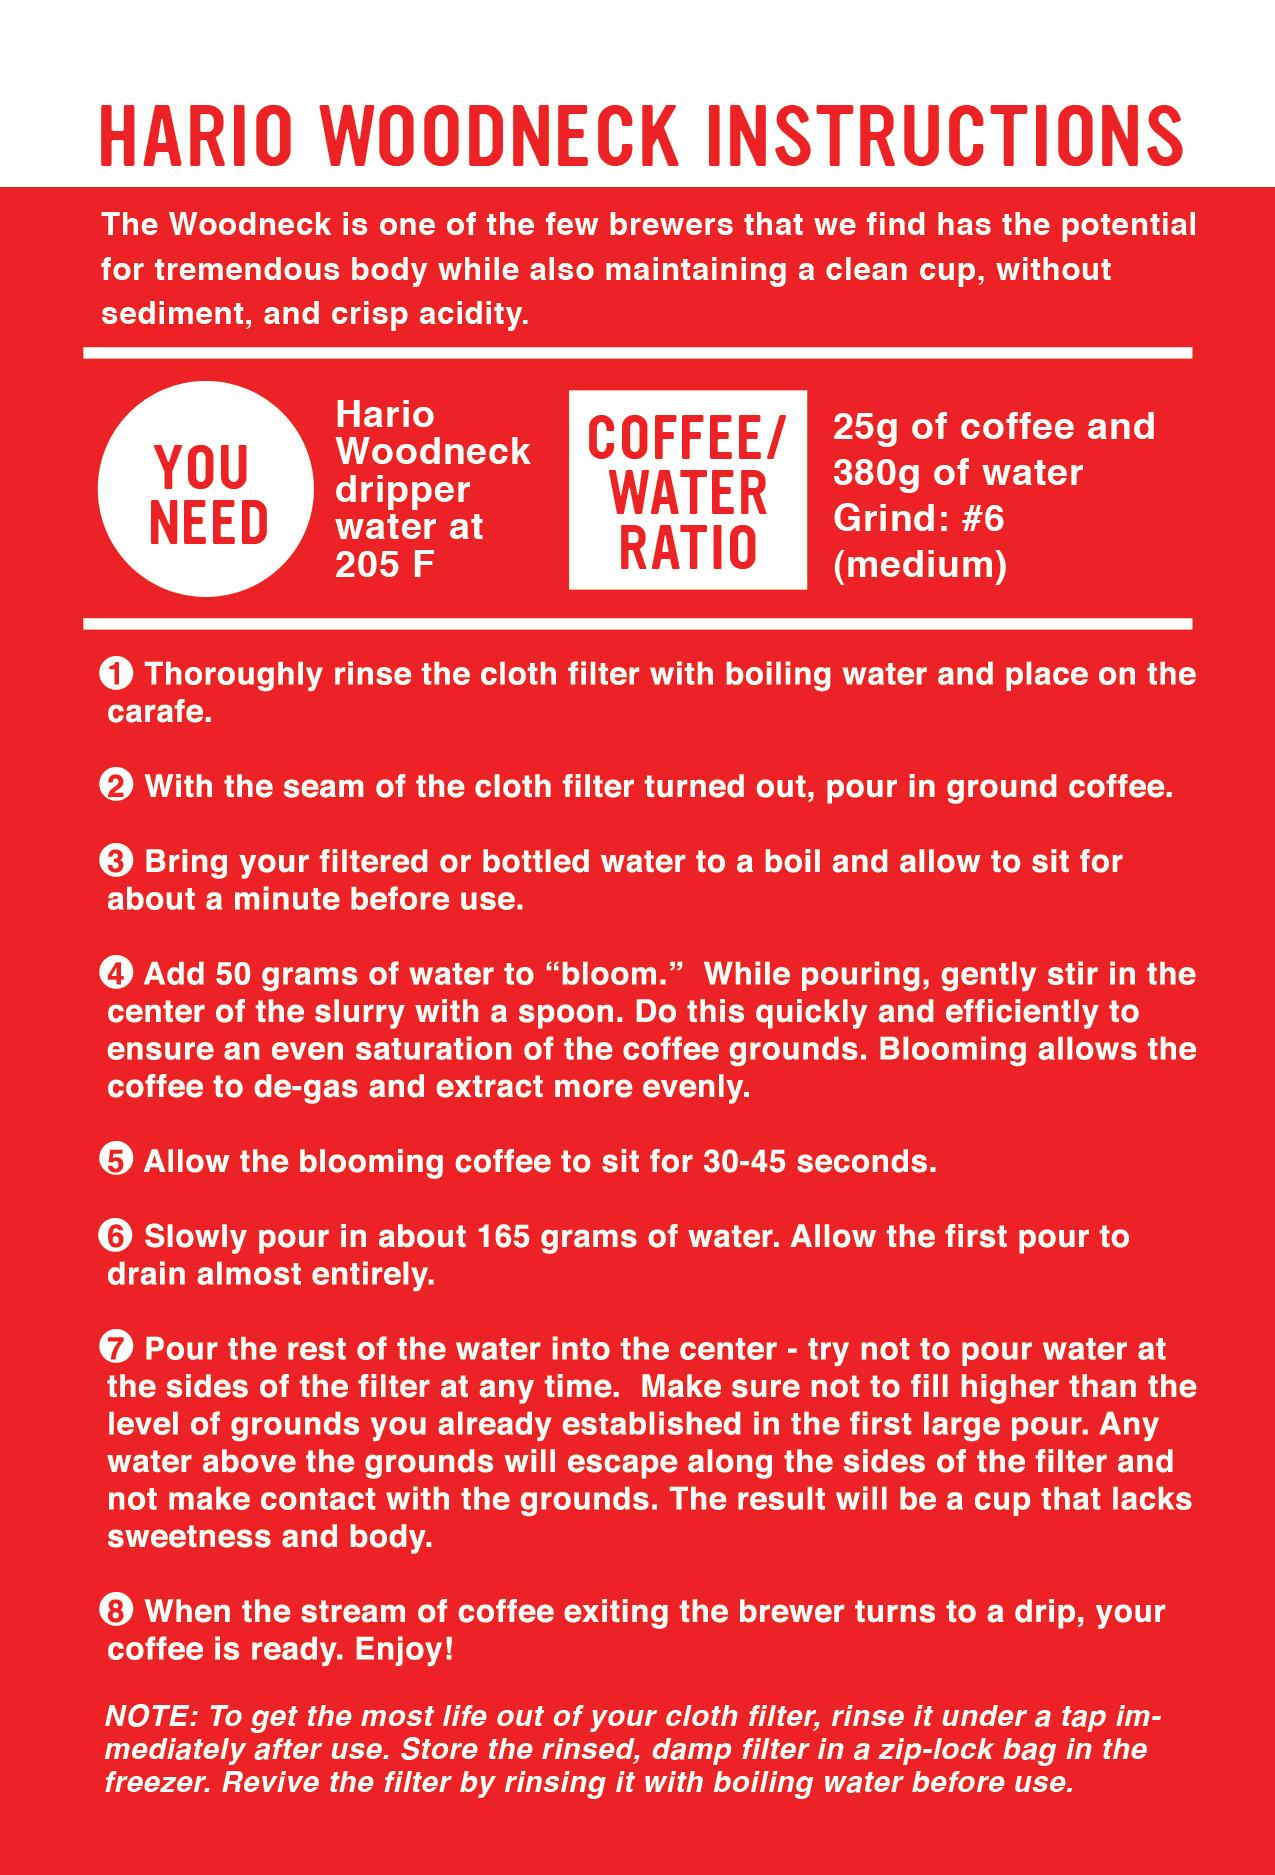 Hario woodneck coffee drip pot - Hario Woodneck Coffee Brewing Guide